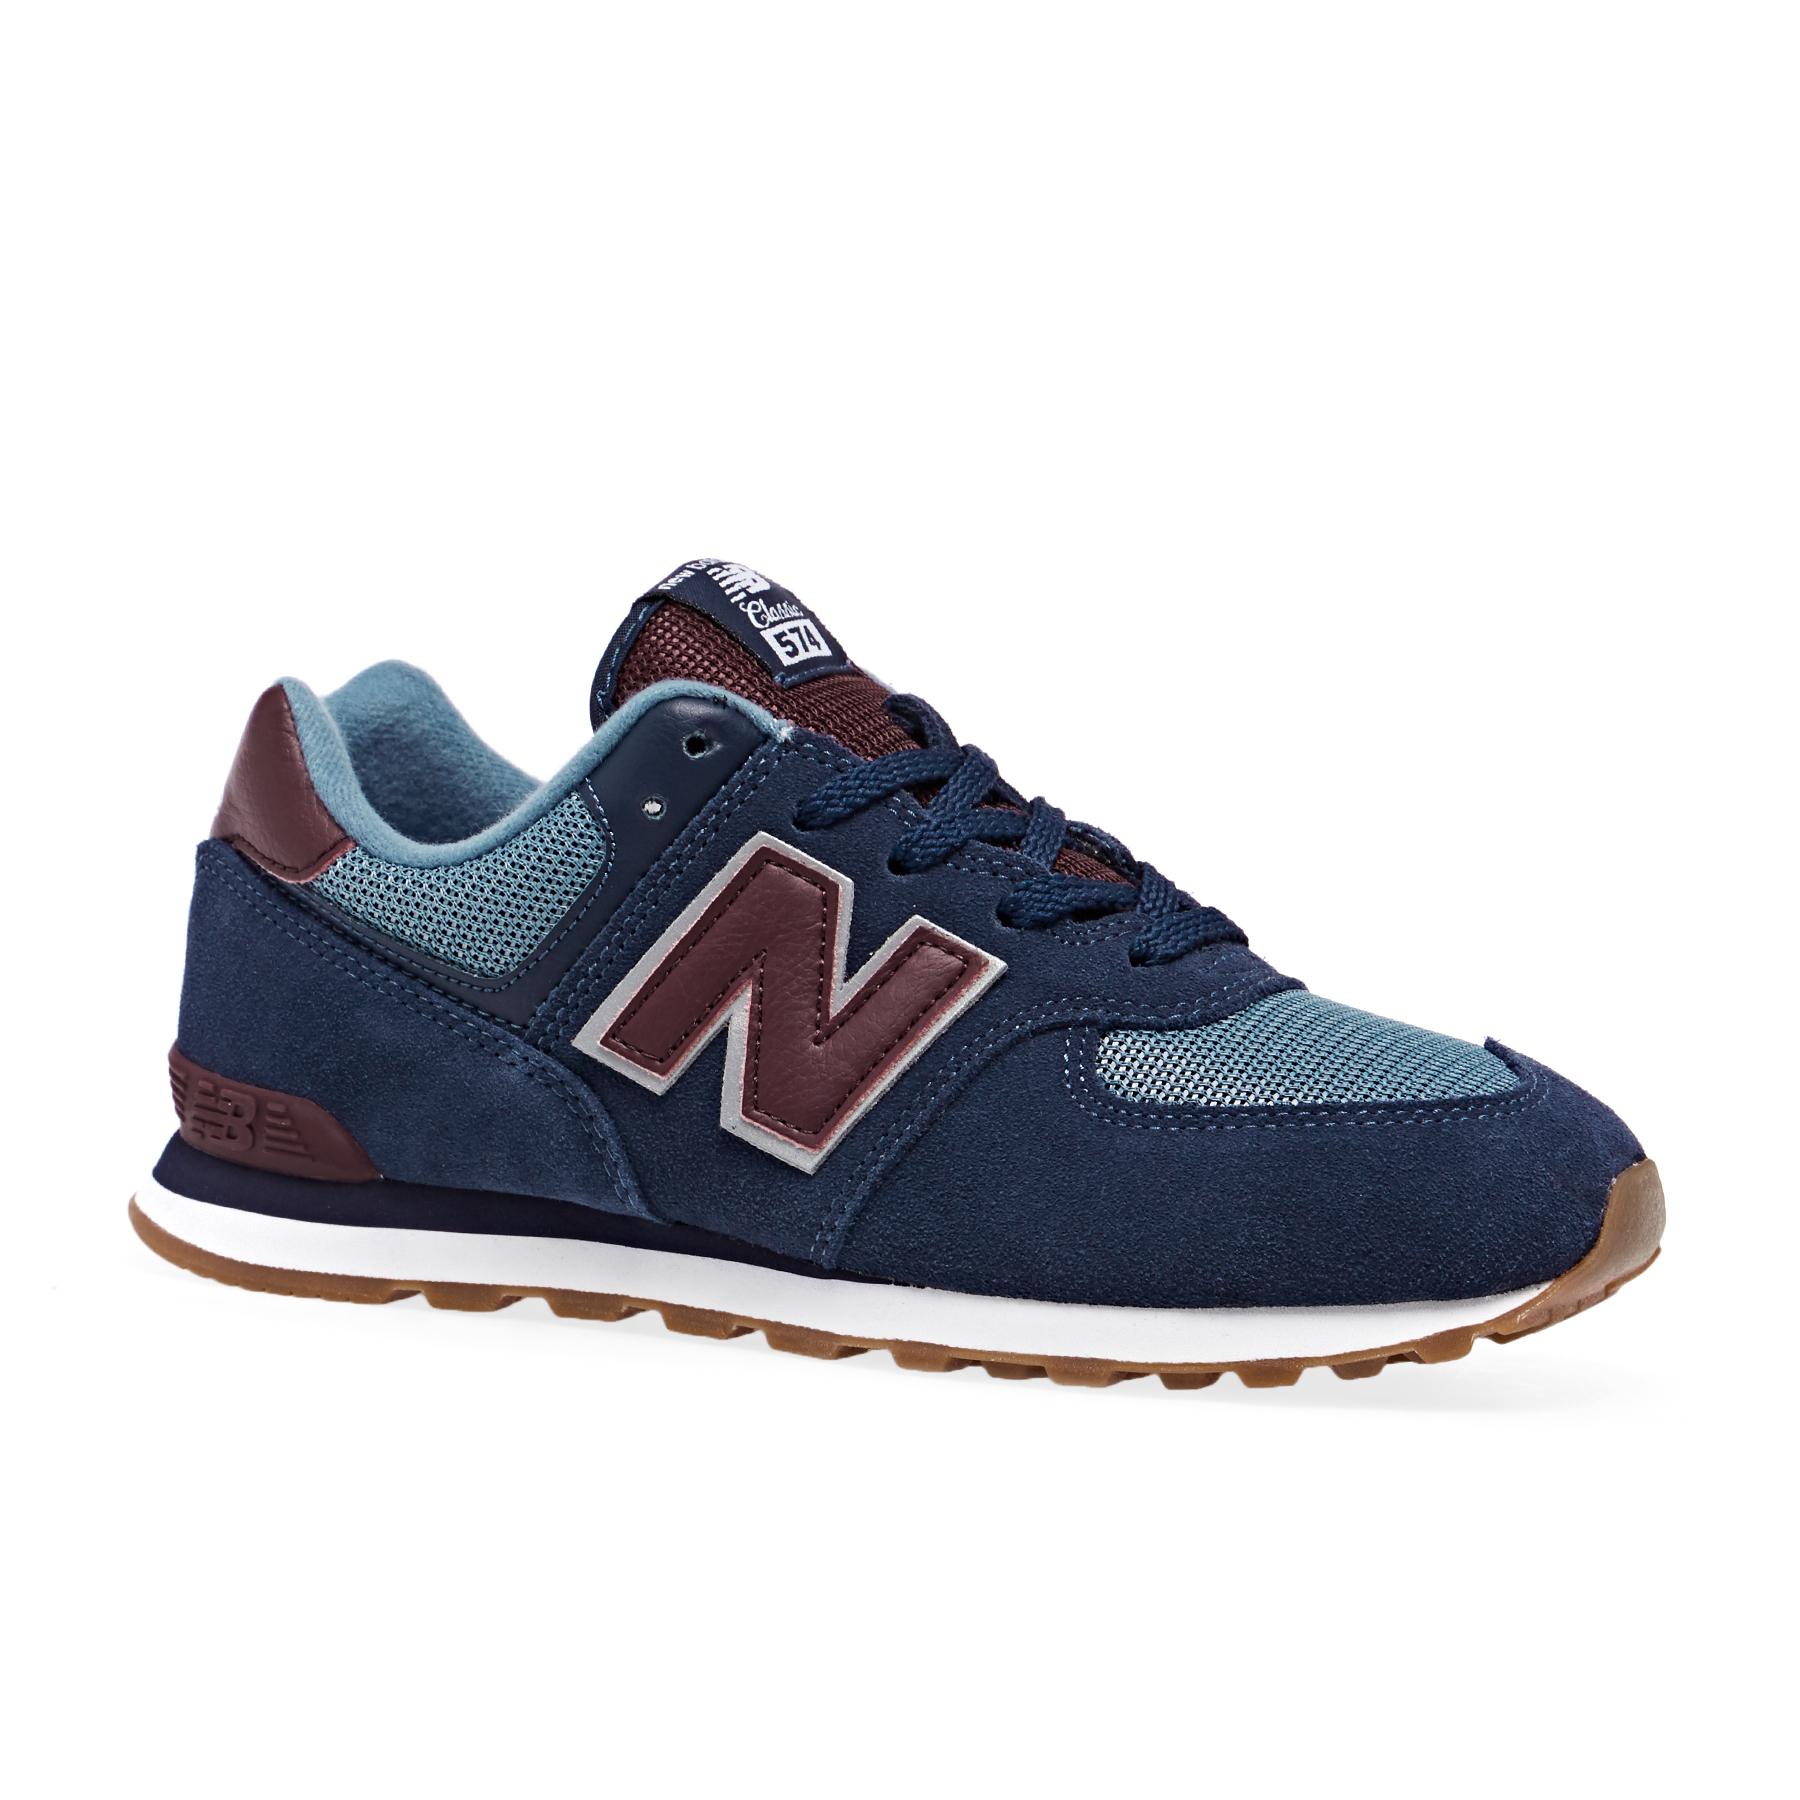 New Balance 574 Lace Kids Shoes - Free